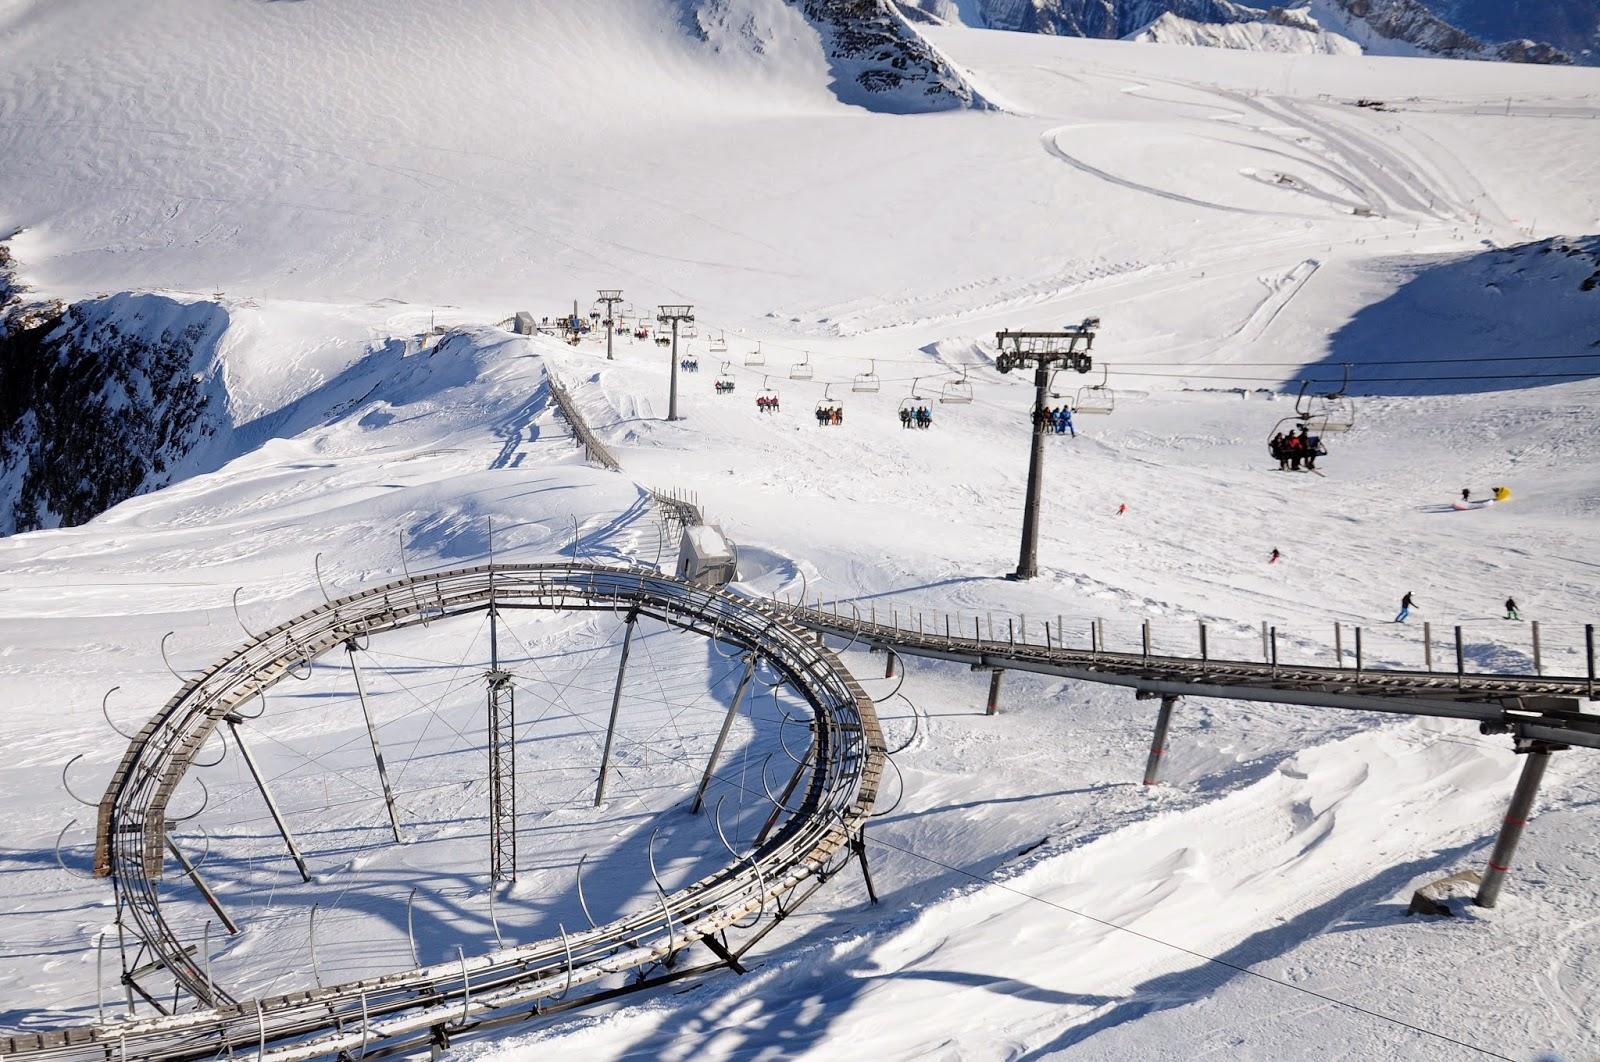 glacier 3000 roller coaster